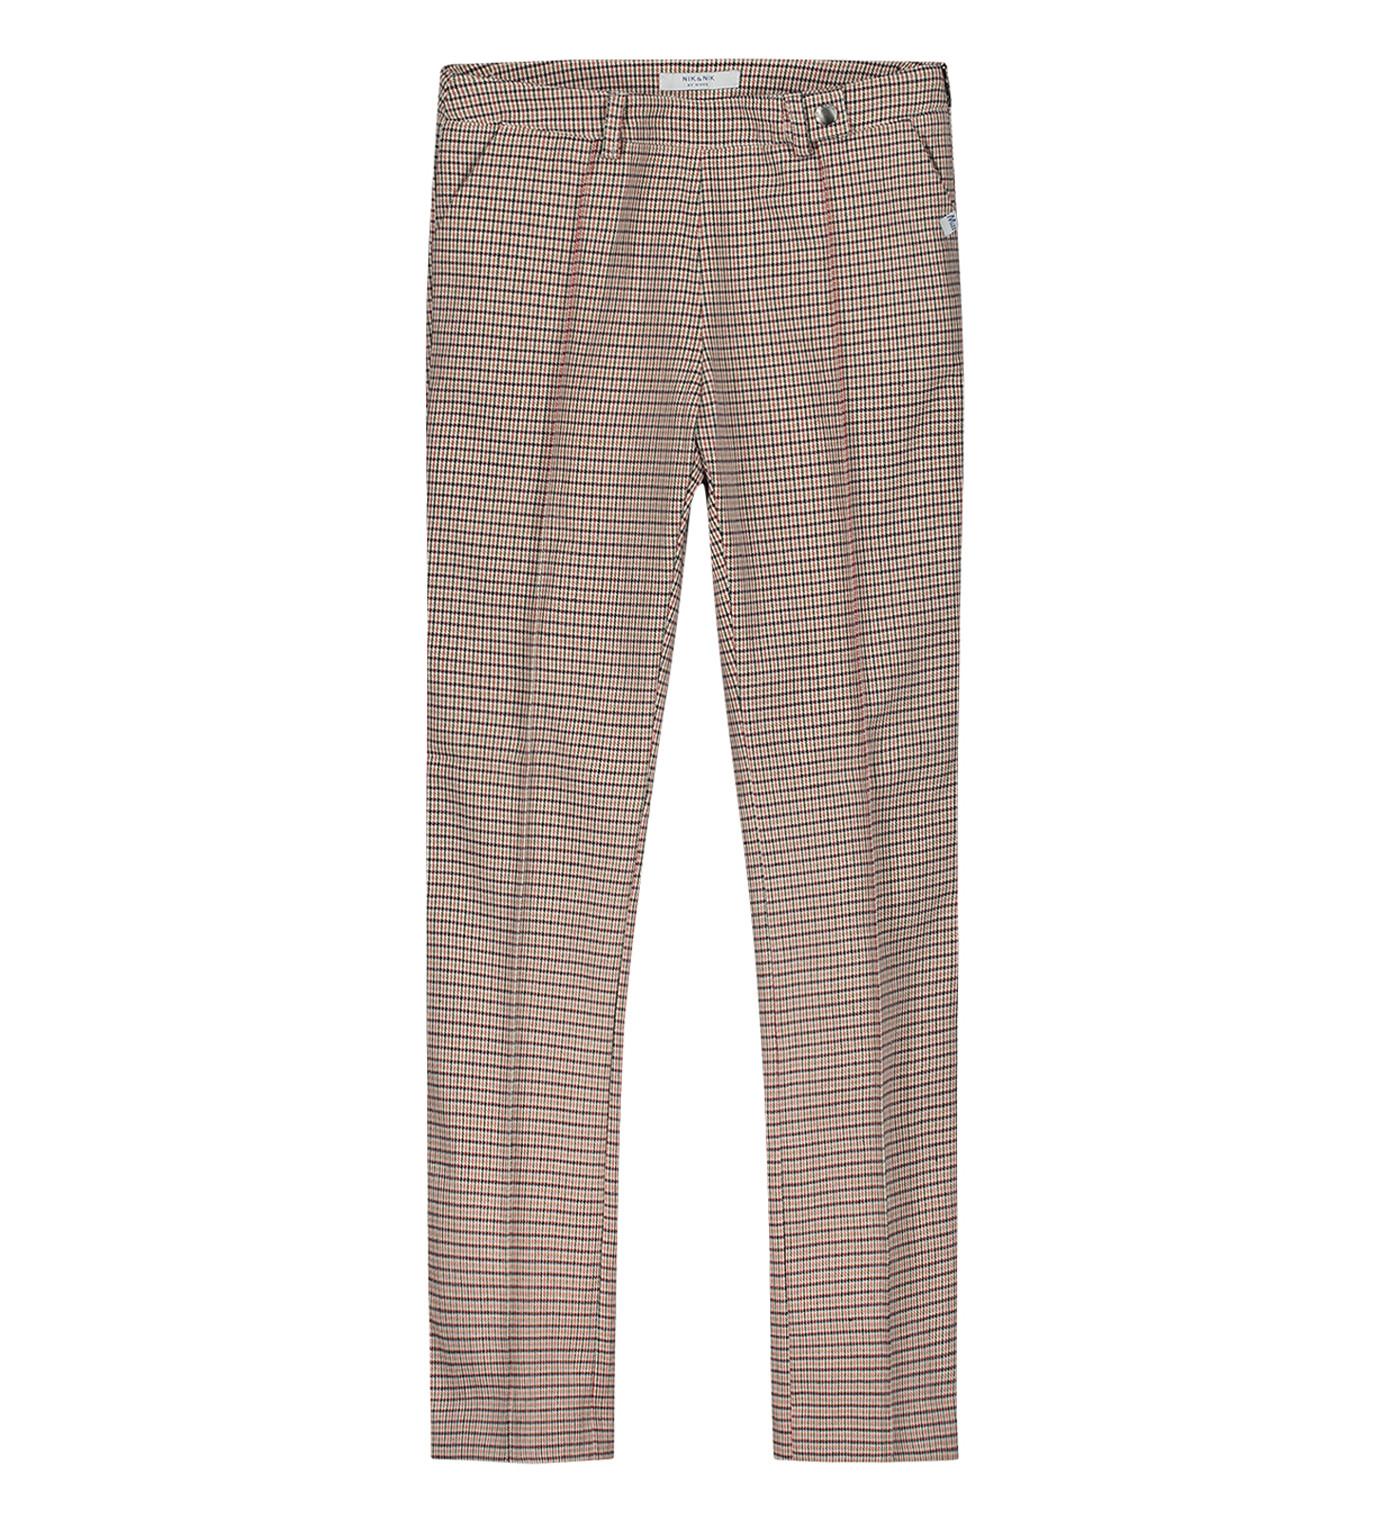 Afbeelding van Nik & Nik Lange broek g2-125 1905 estelle pants rood ecru